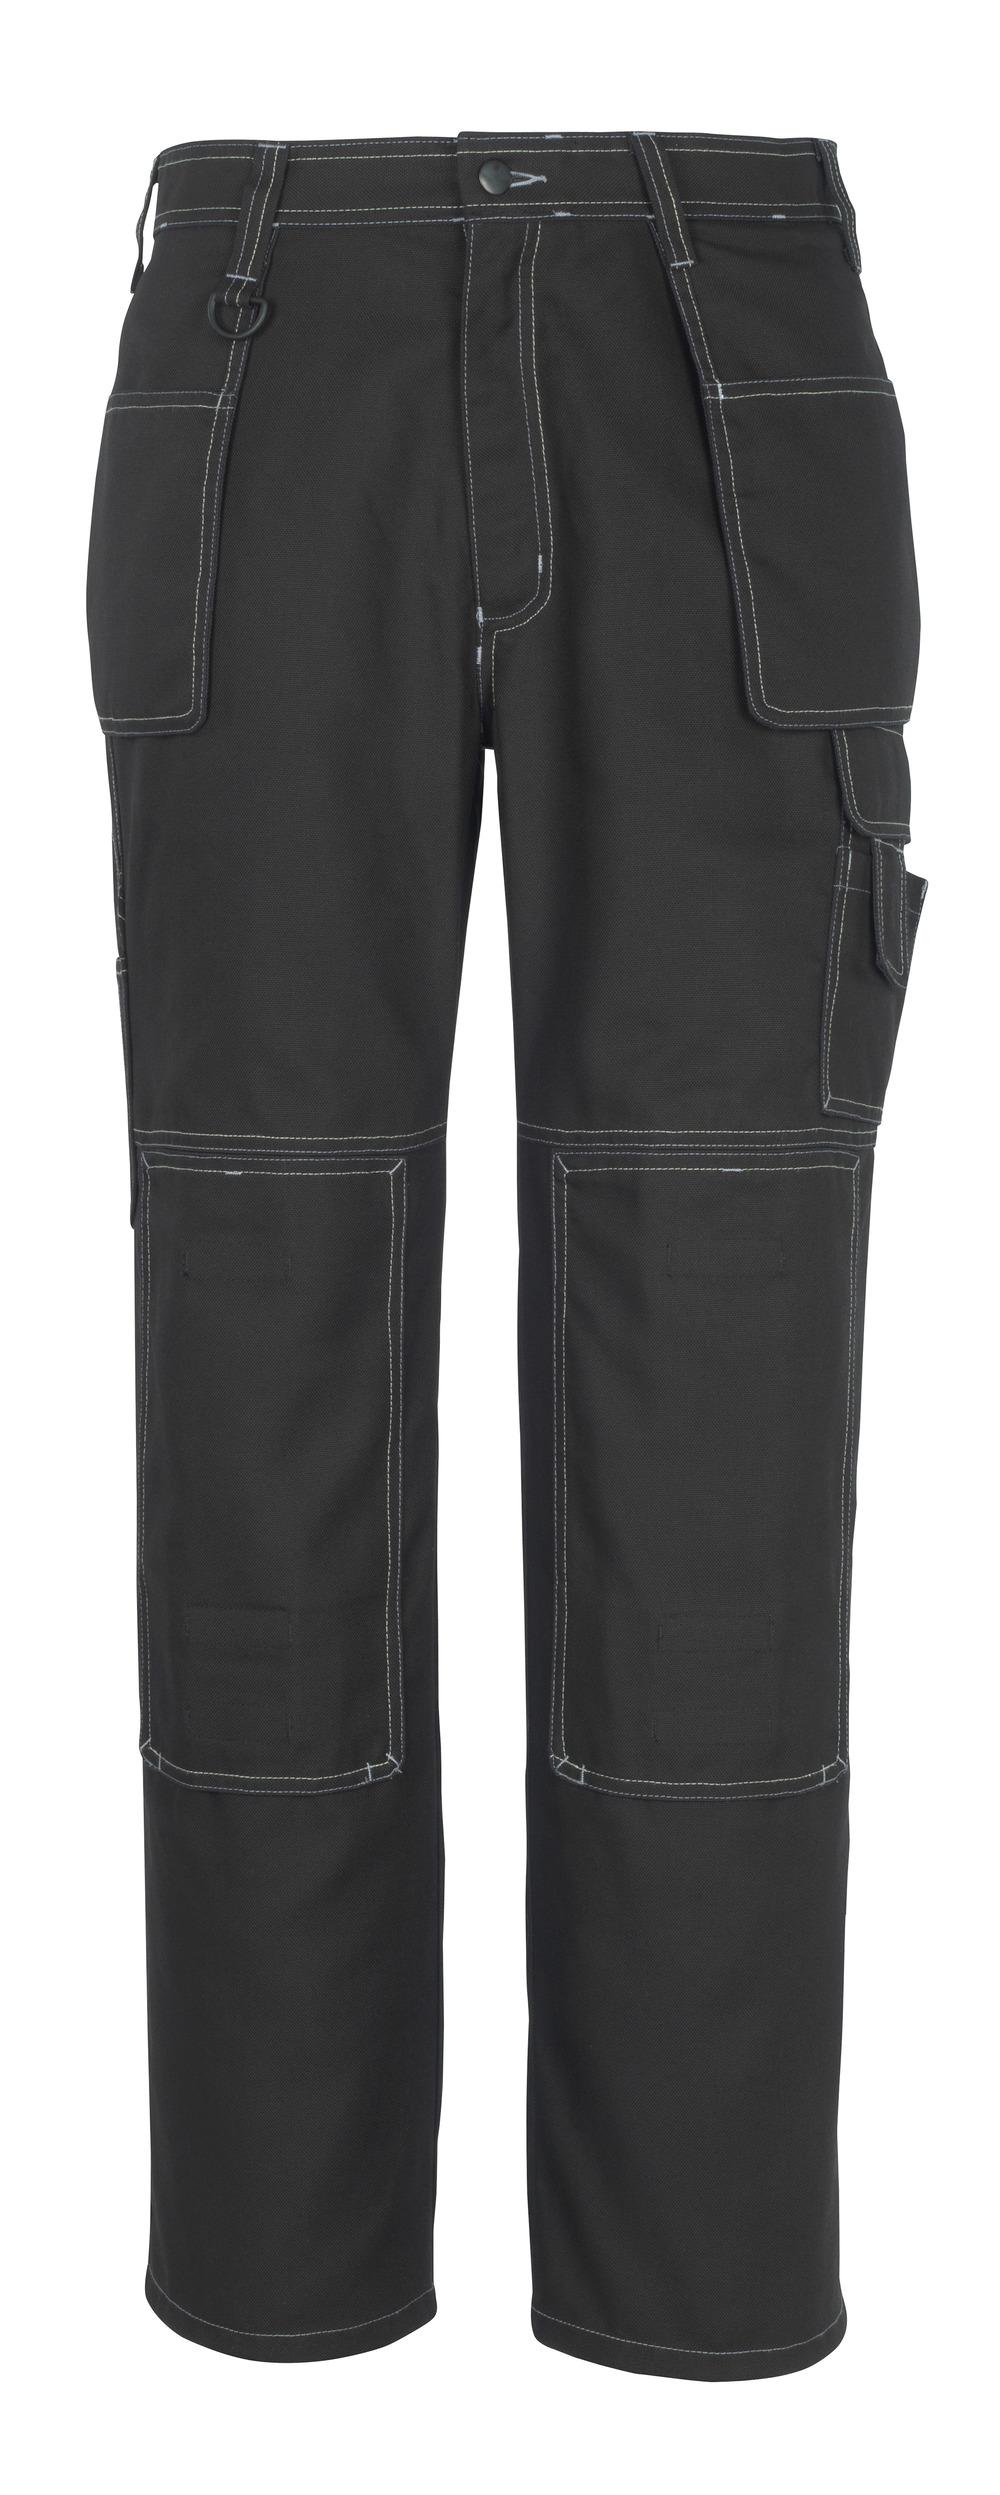 50194-884-09 Pantalon avec poches genouillères et poches flottantes - Noir